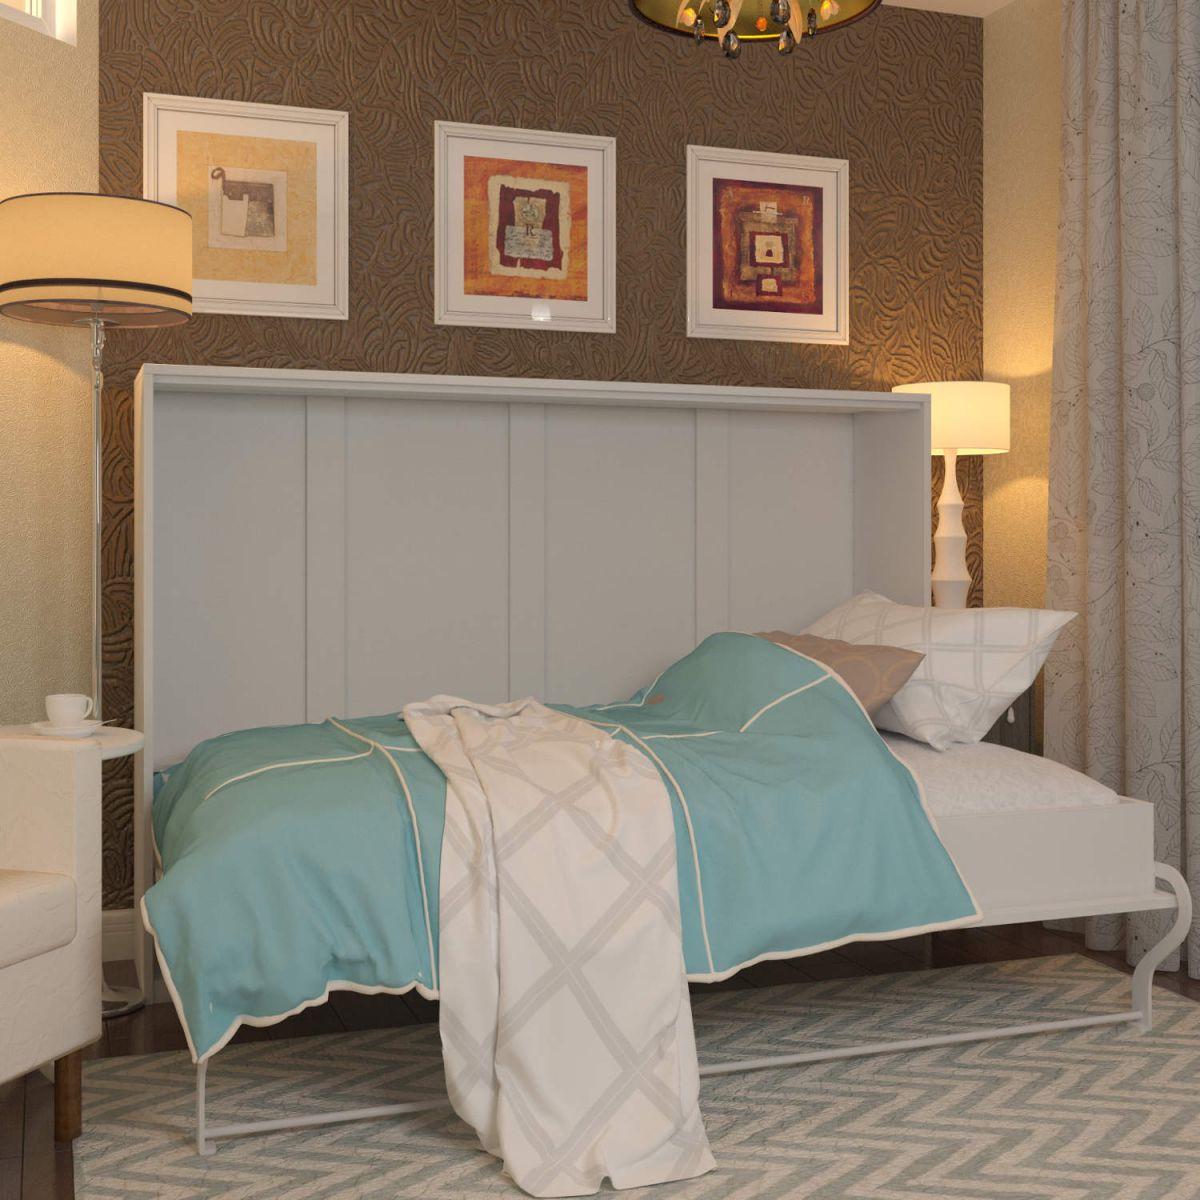 lit escamotable lit escamotable with lit escamotable latest un lit escamotable aussi appel lit. Black Bedroom Furniture Sets. Home Design Ideas